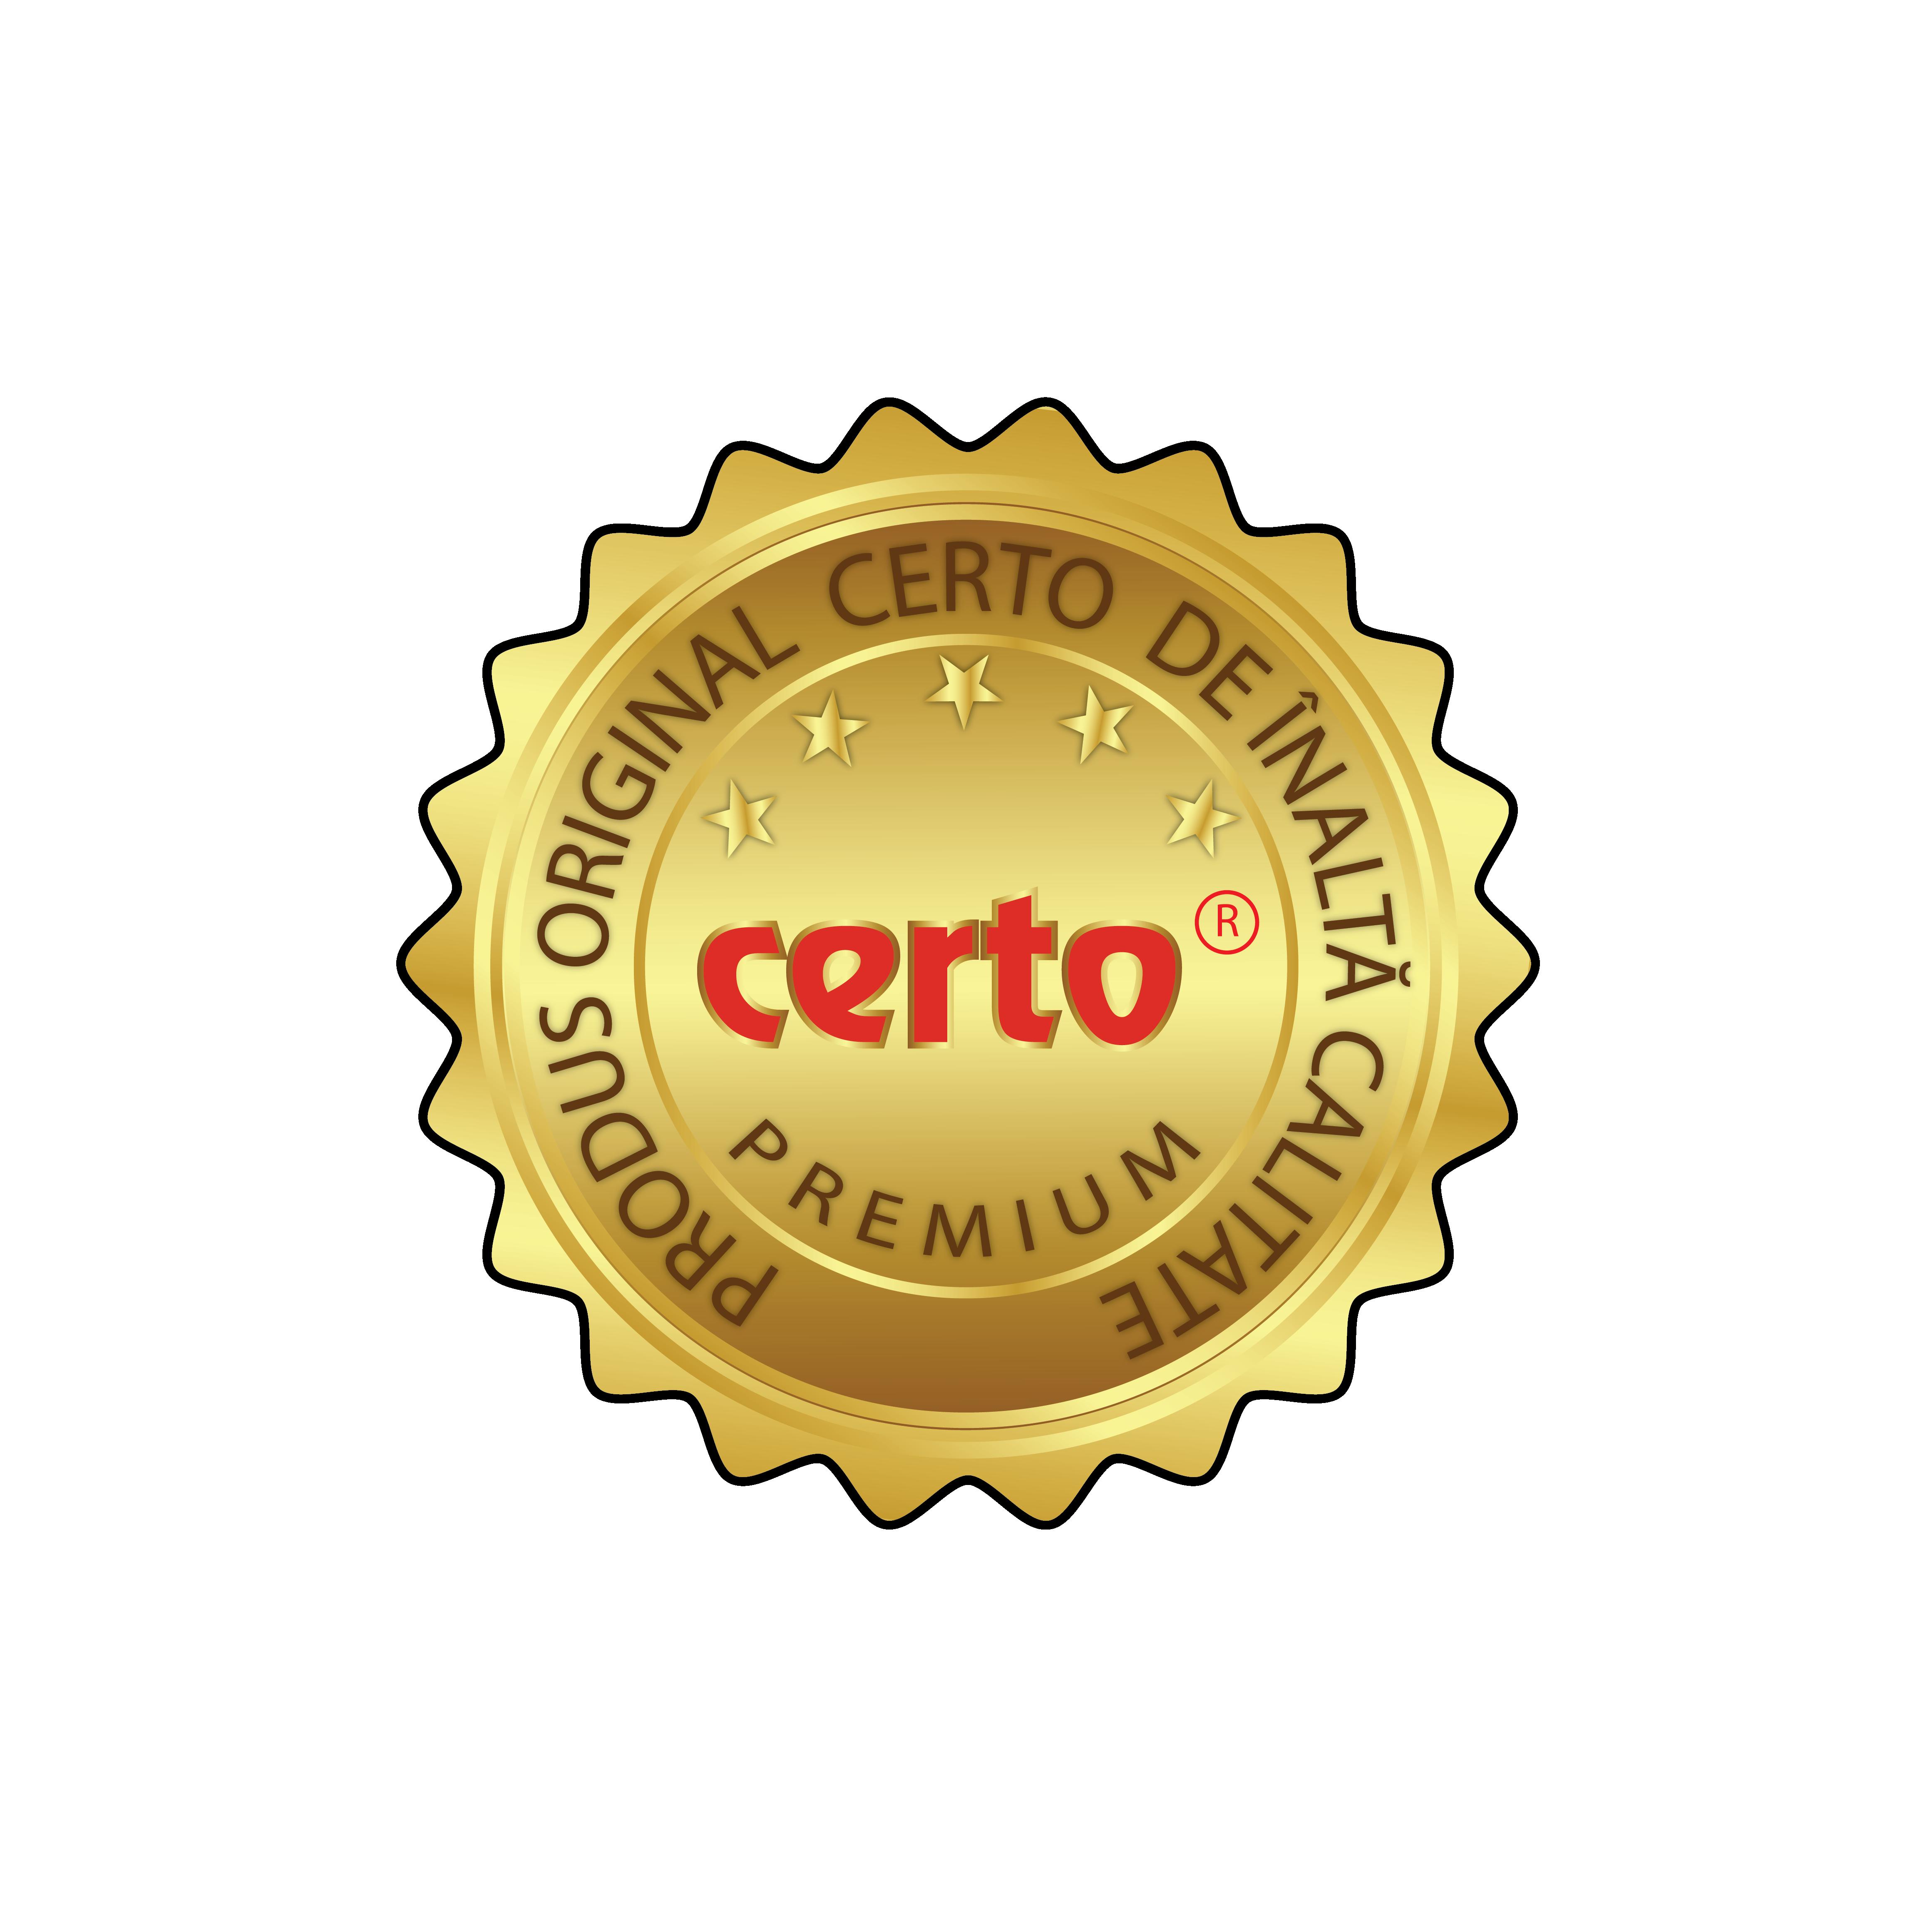 Logo Certo Gold